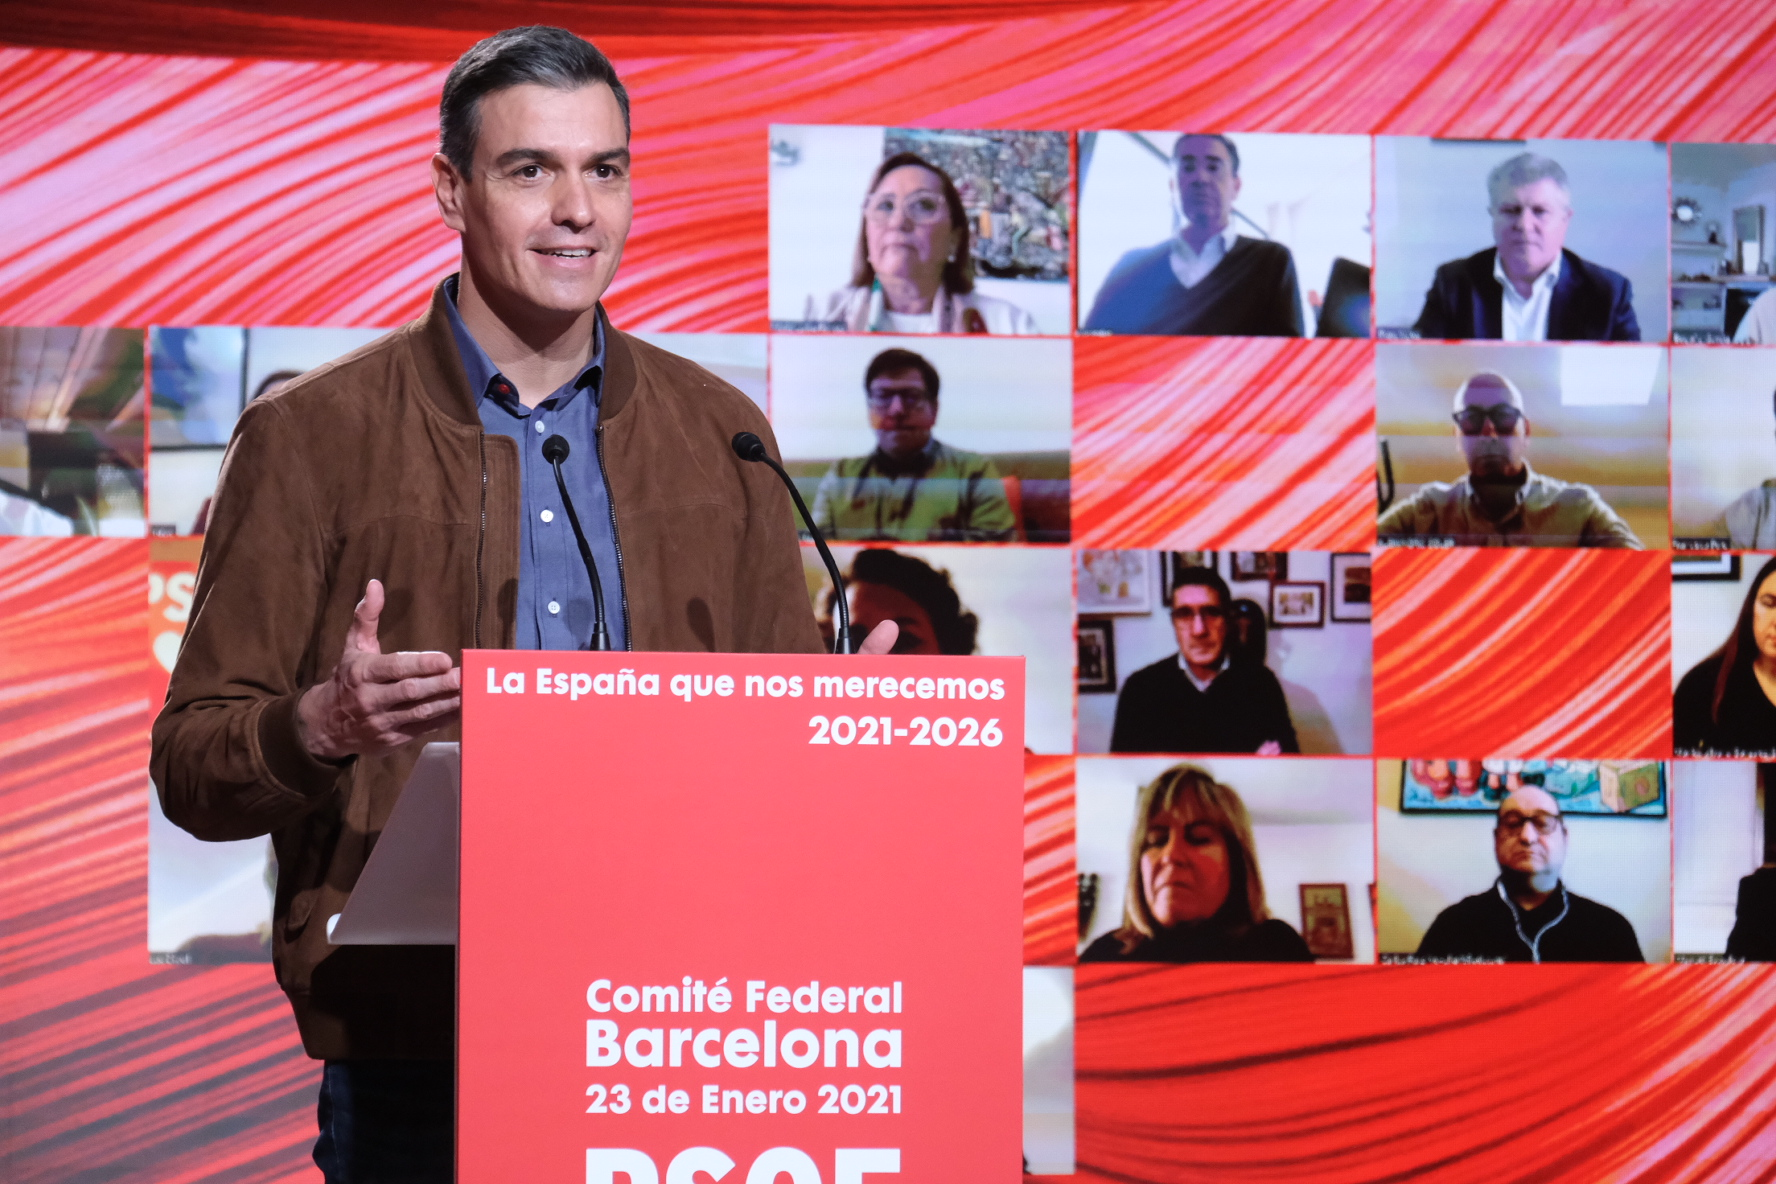 Pedro Sánchez / PSC